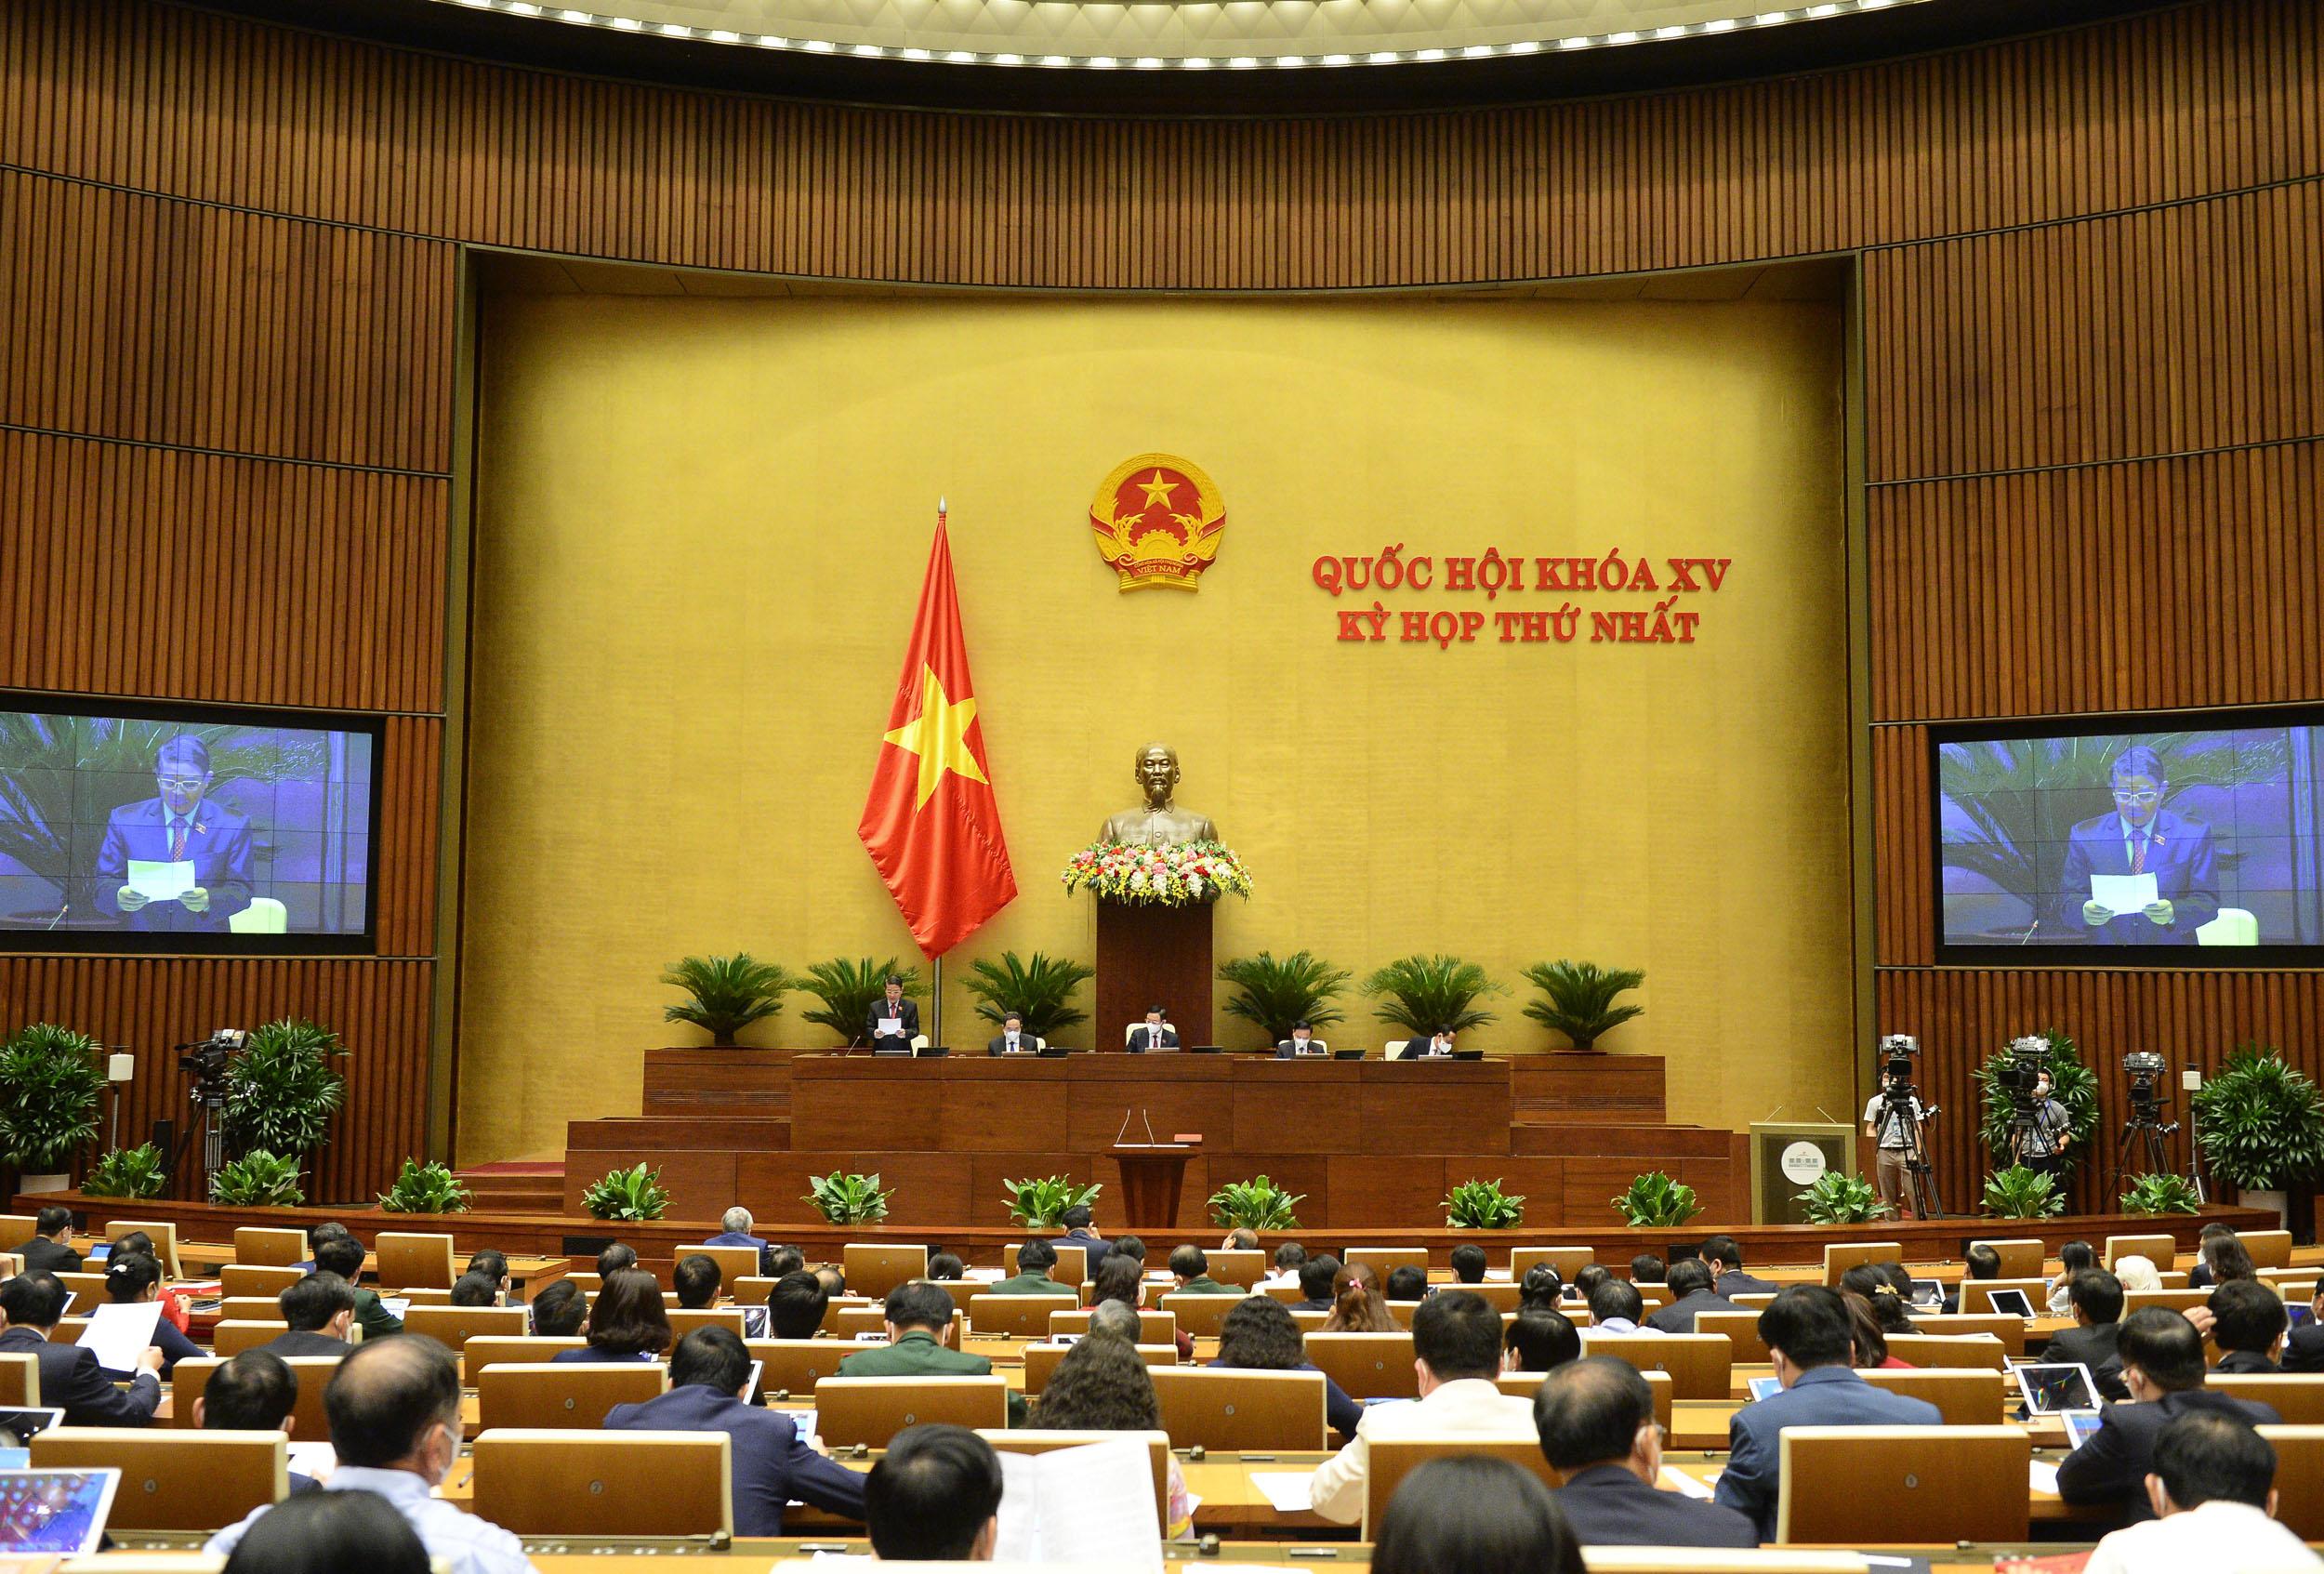 Kỳ họp thứ Ngất, Quốc hội khoá XV, ngày 26-7-2021.